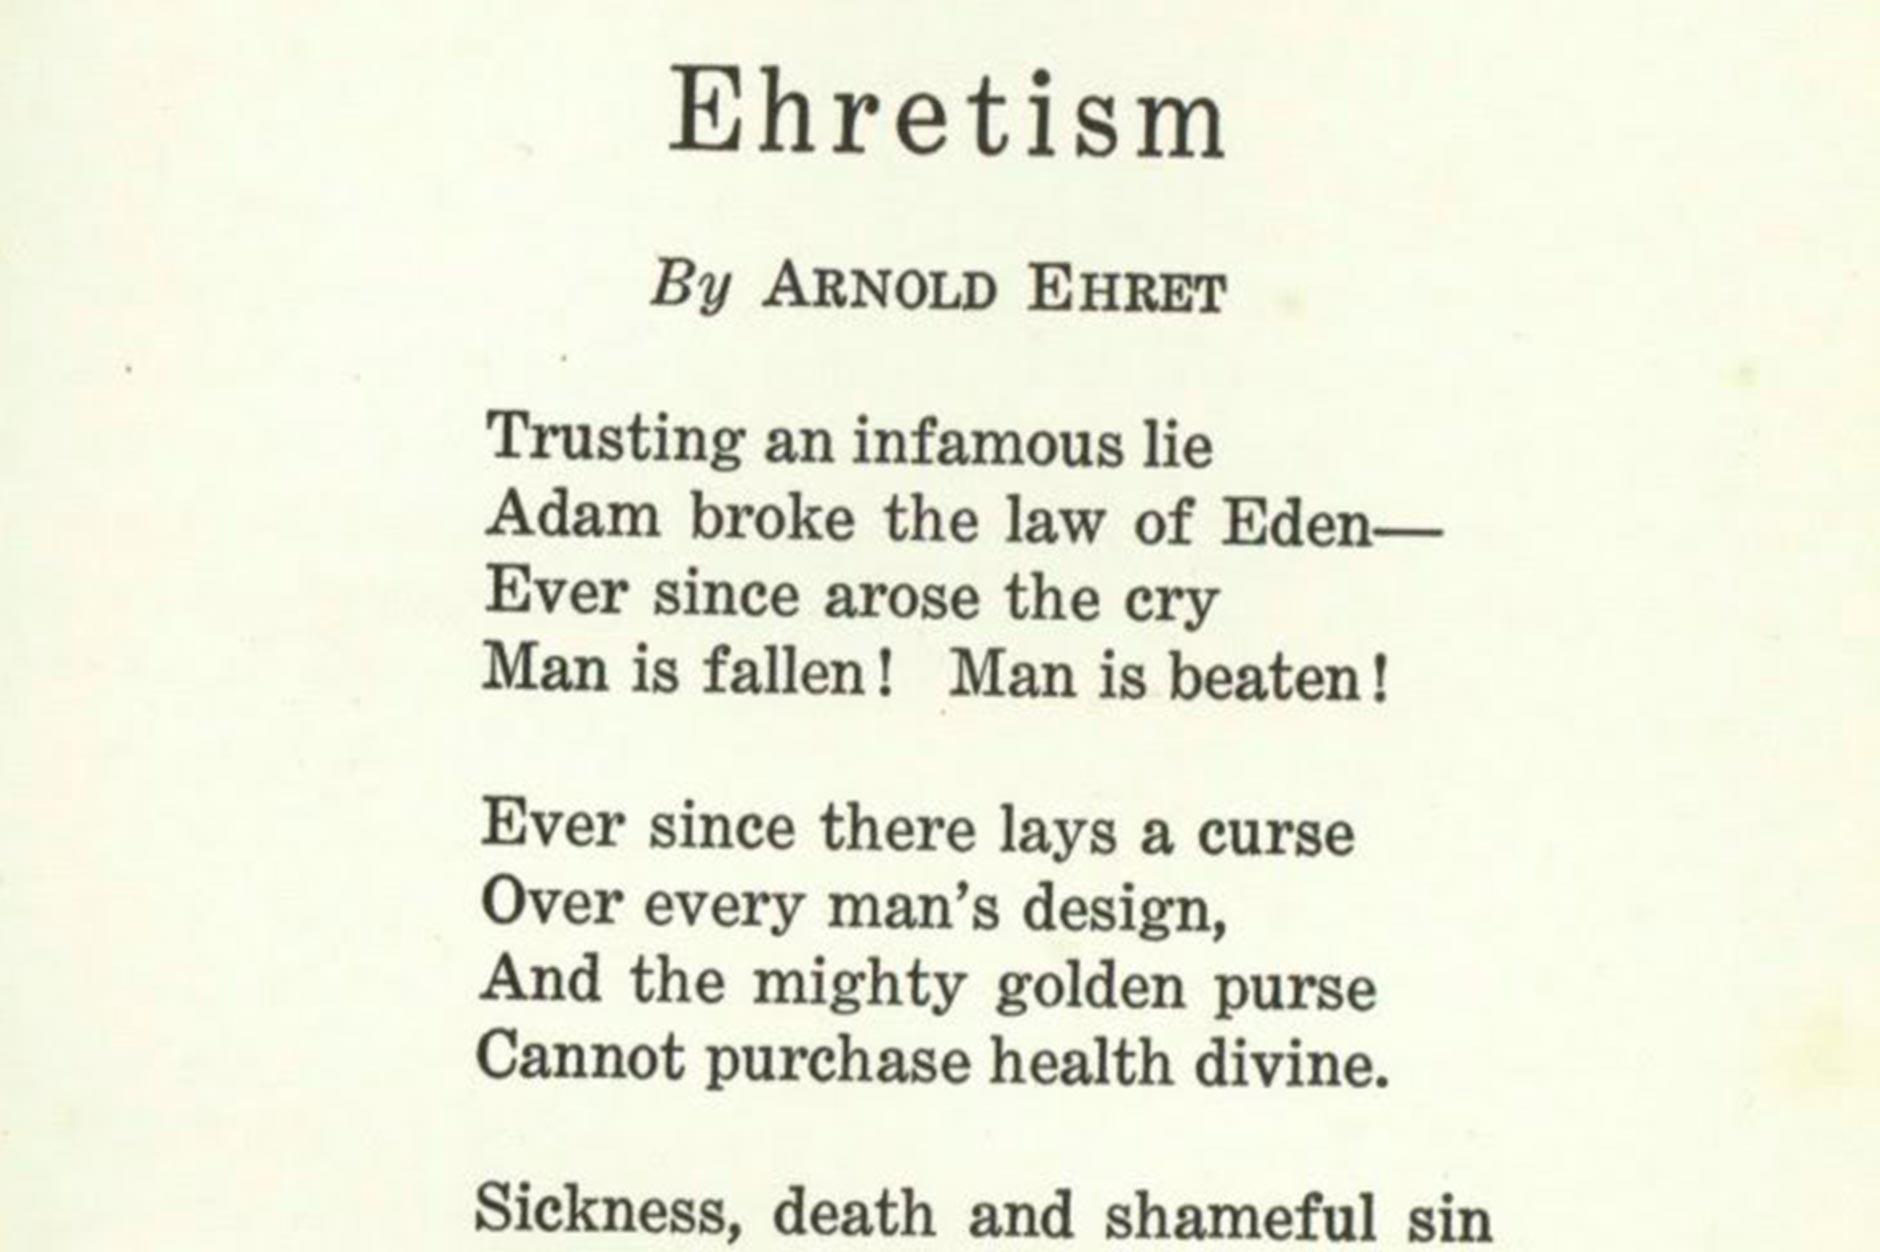 Poema de Arnold Ehret publicado en 1922